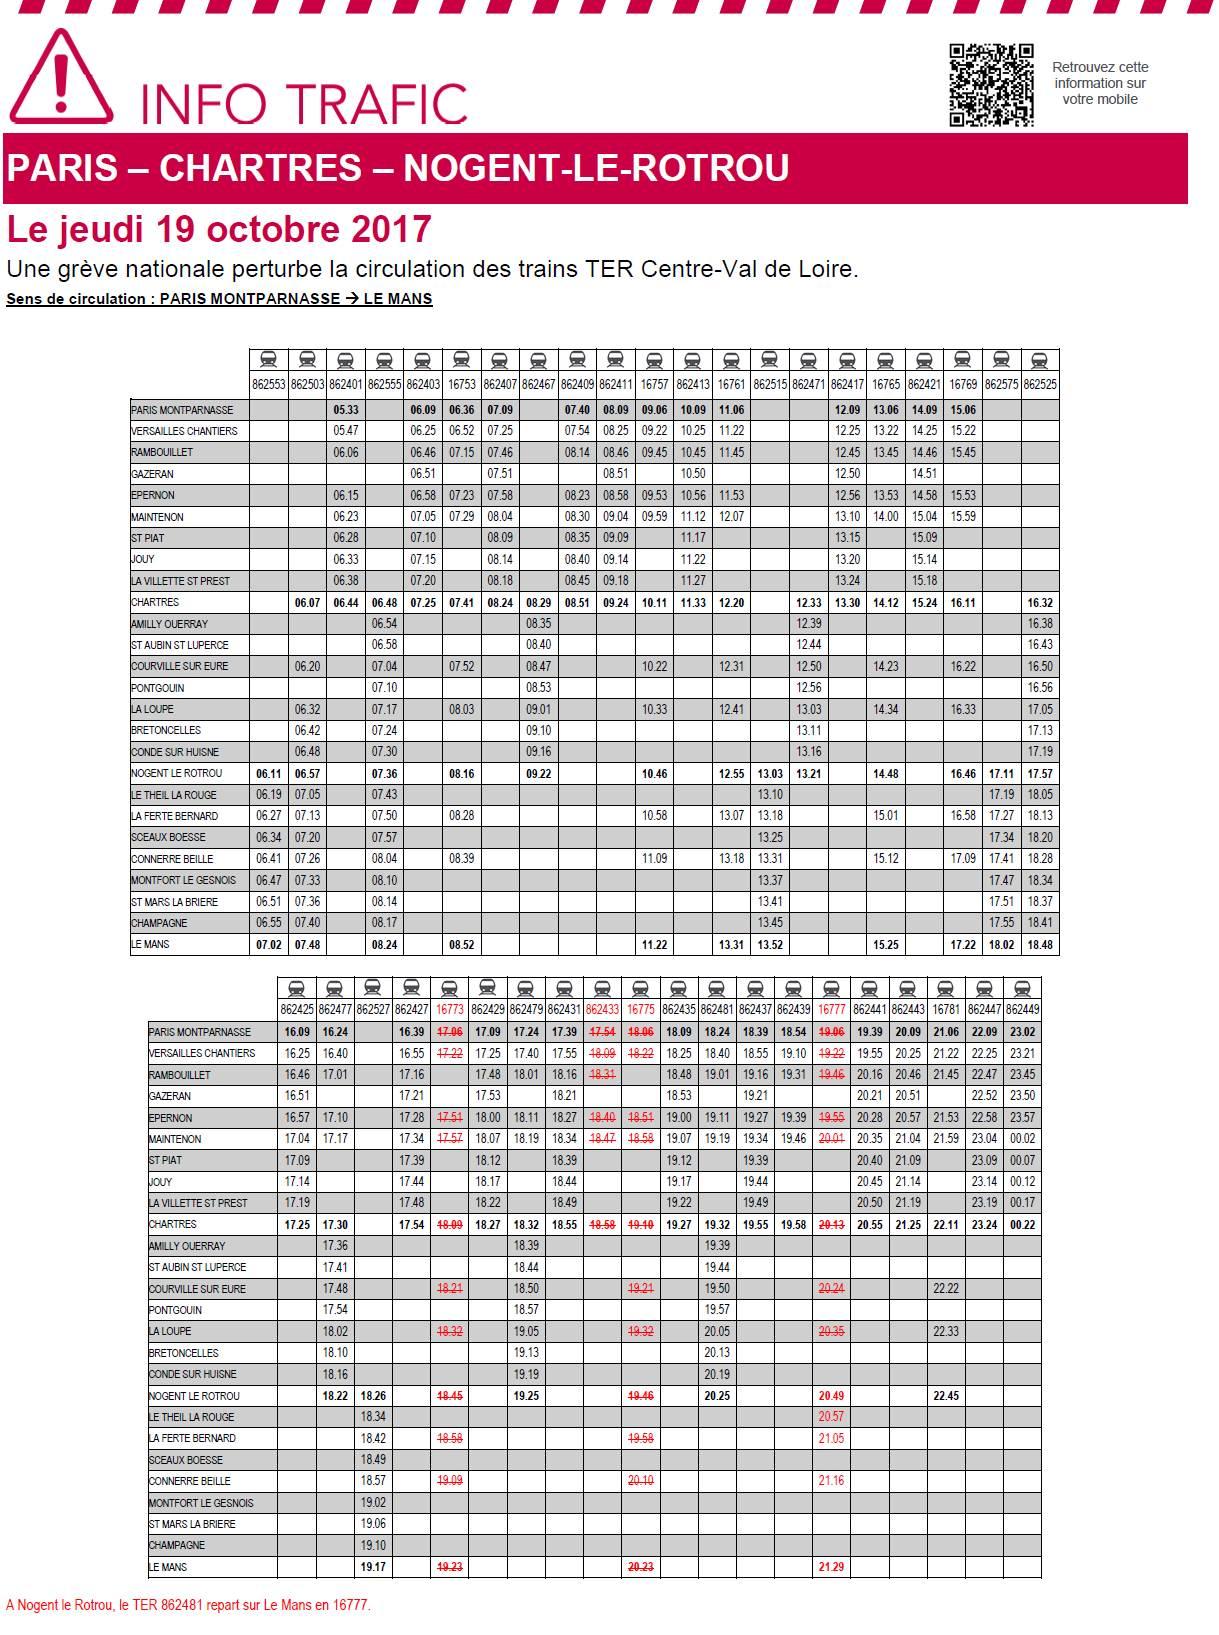 Horaire des TER - Grève du 19 octobre 2017